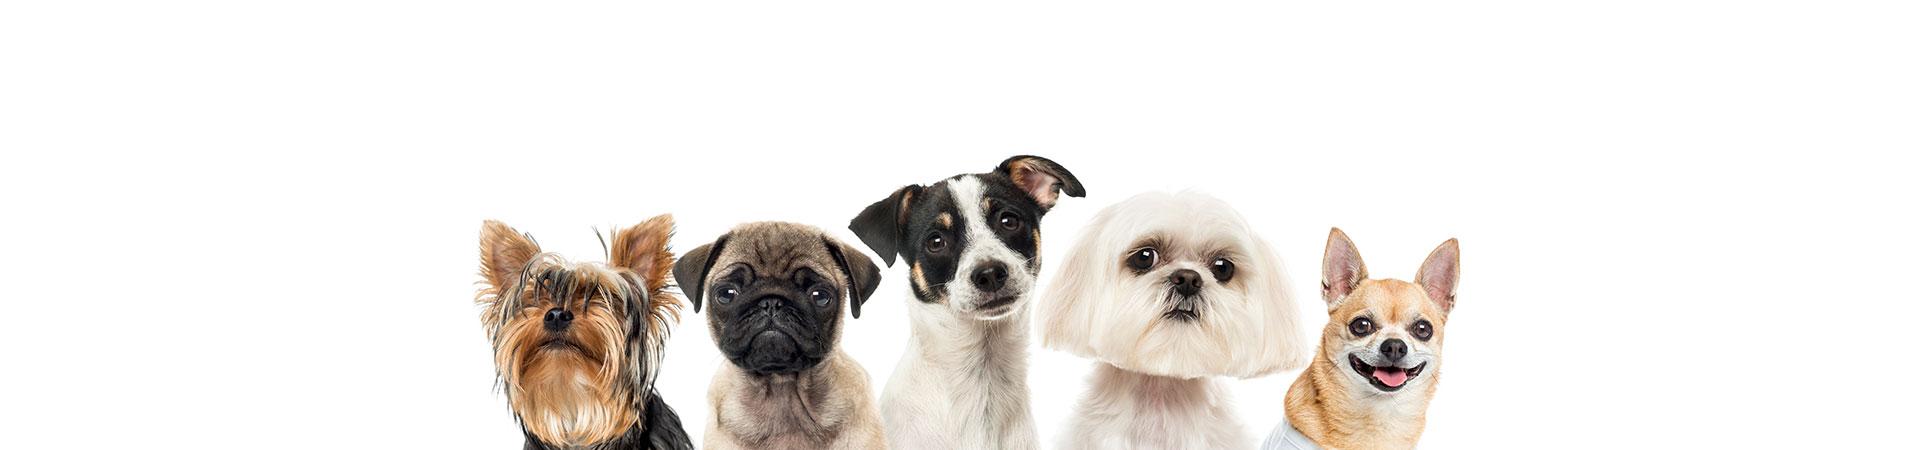 Transporte perros y animales